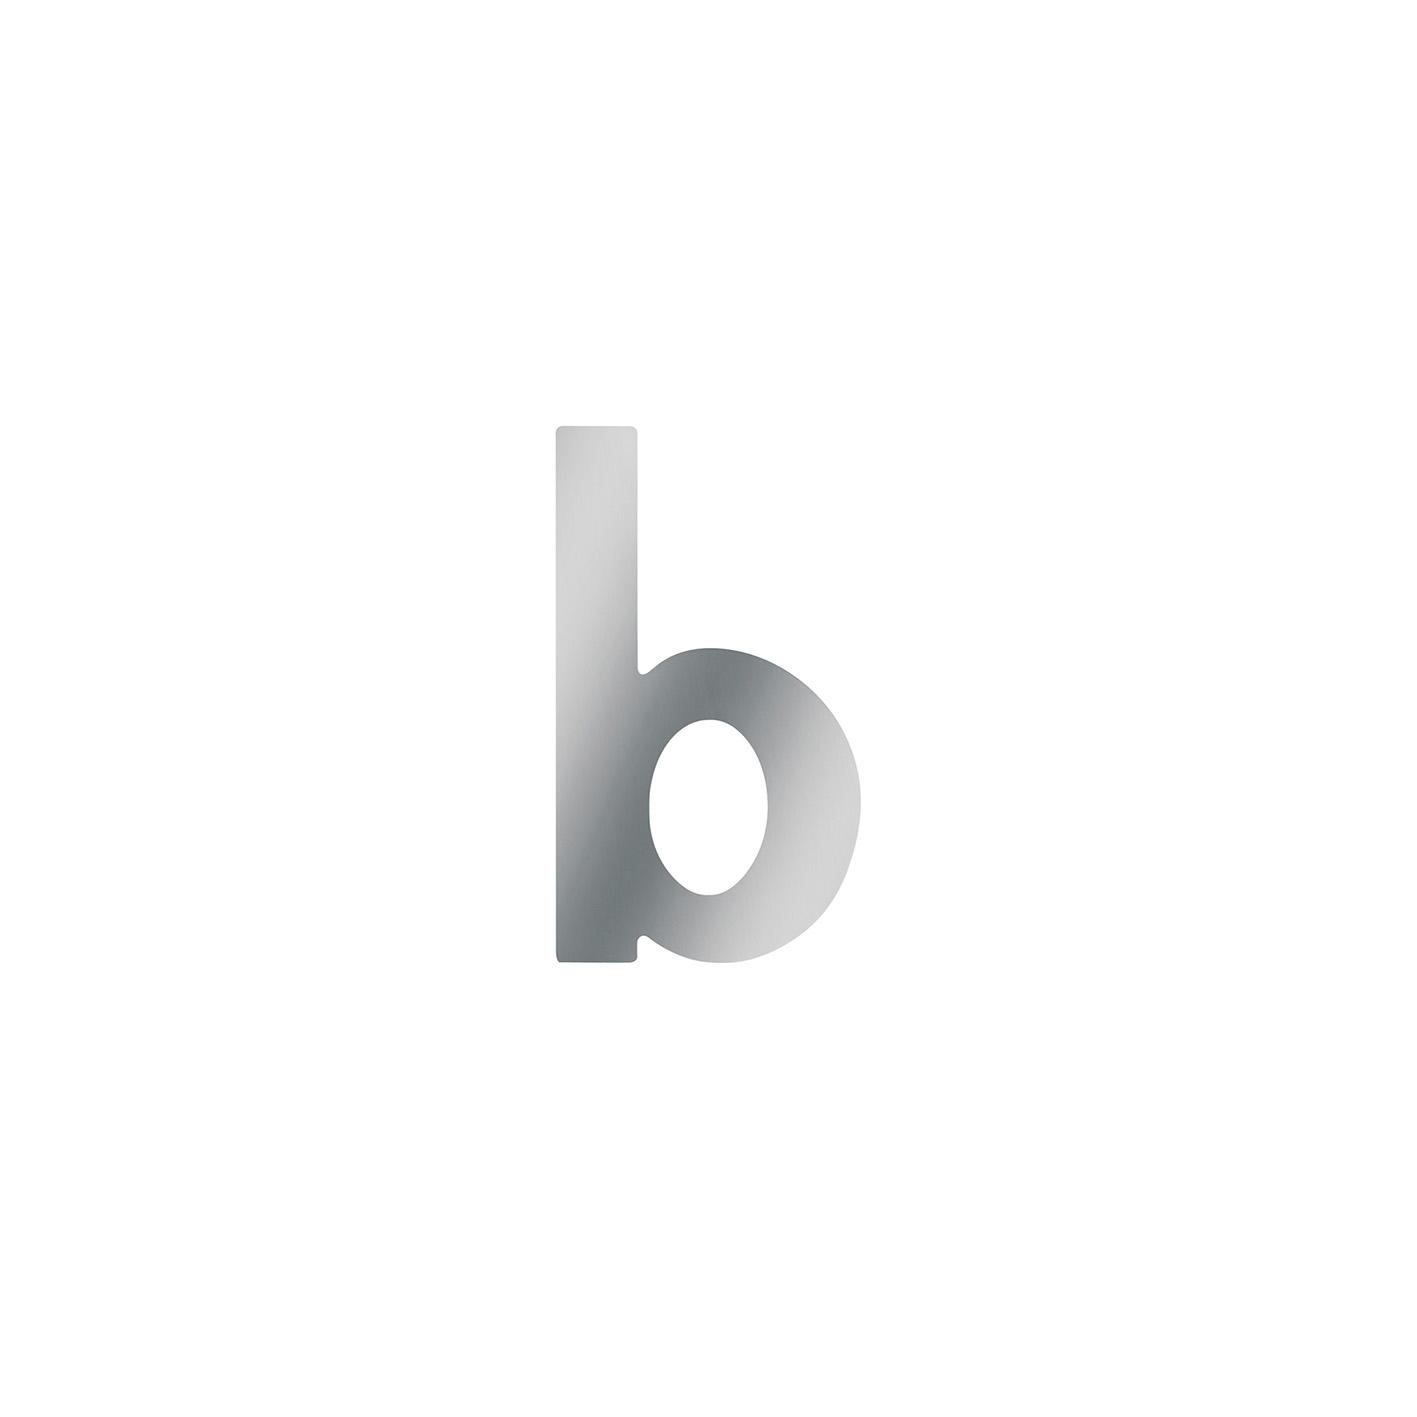 NUMERO CIVICO INOX- B MINUSCOLA